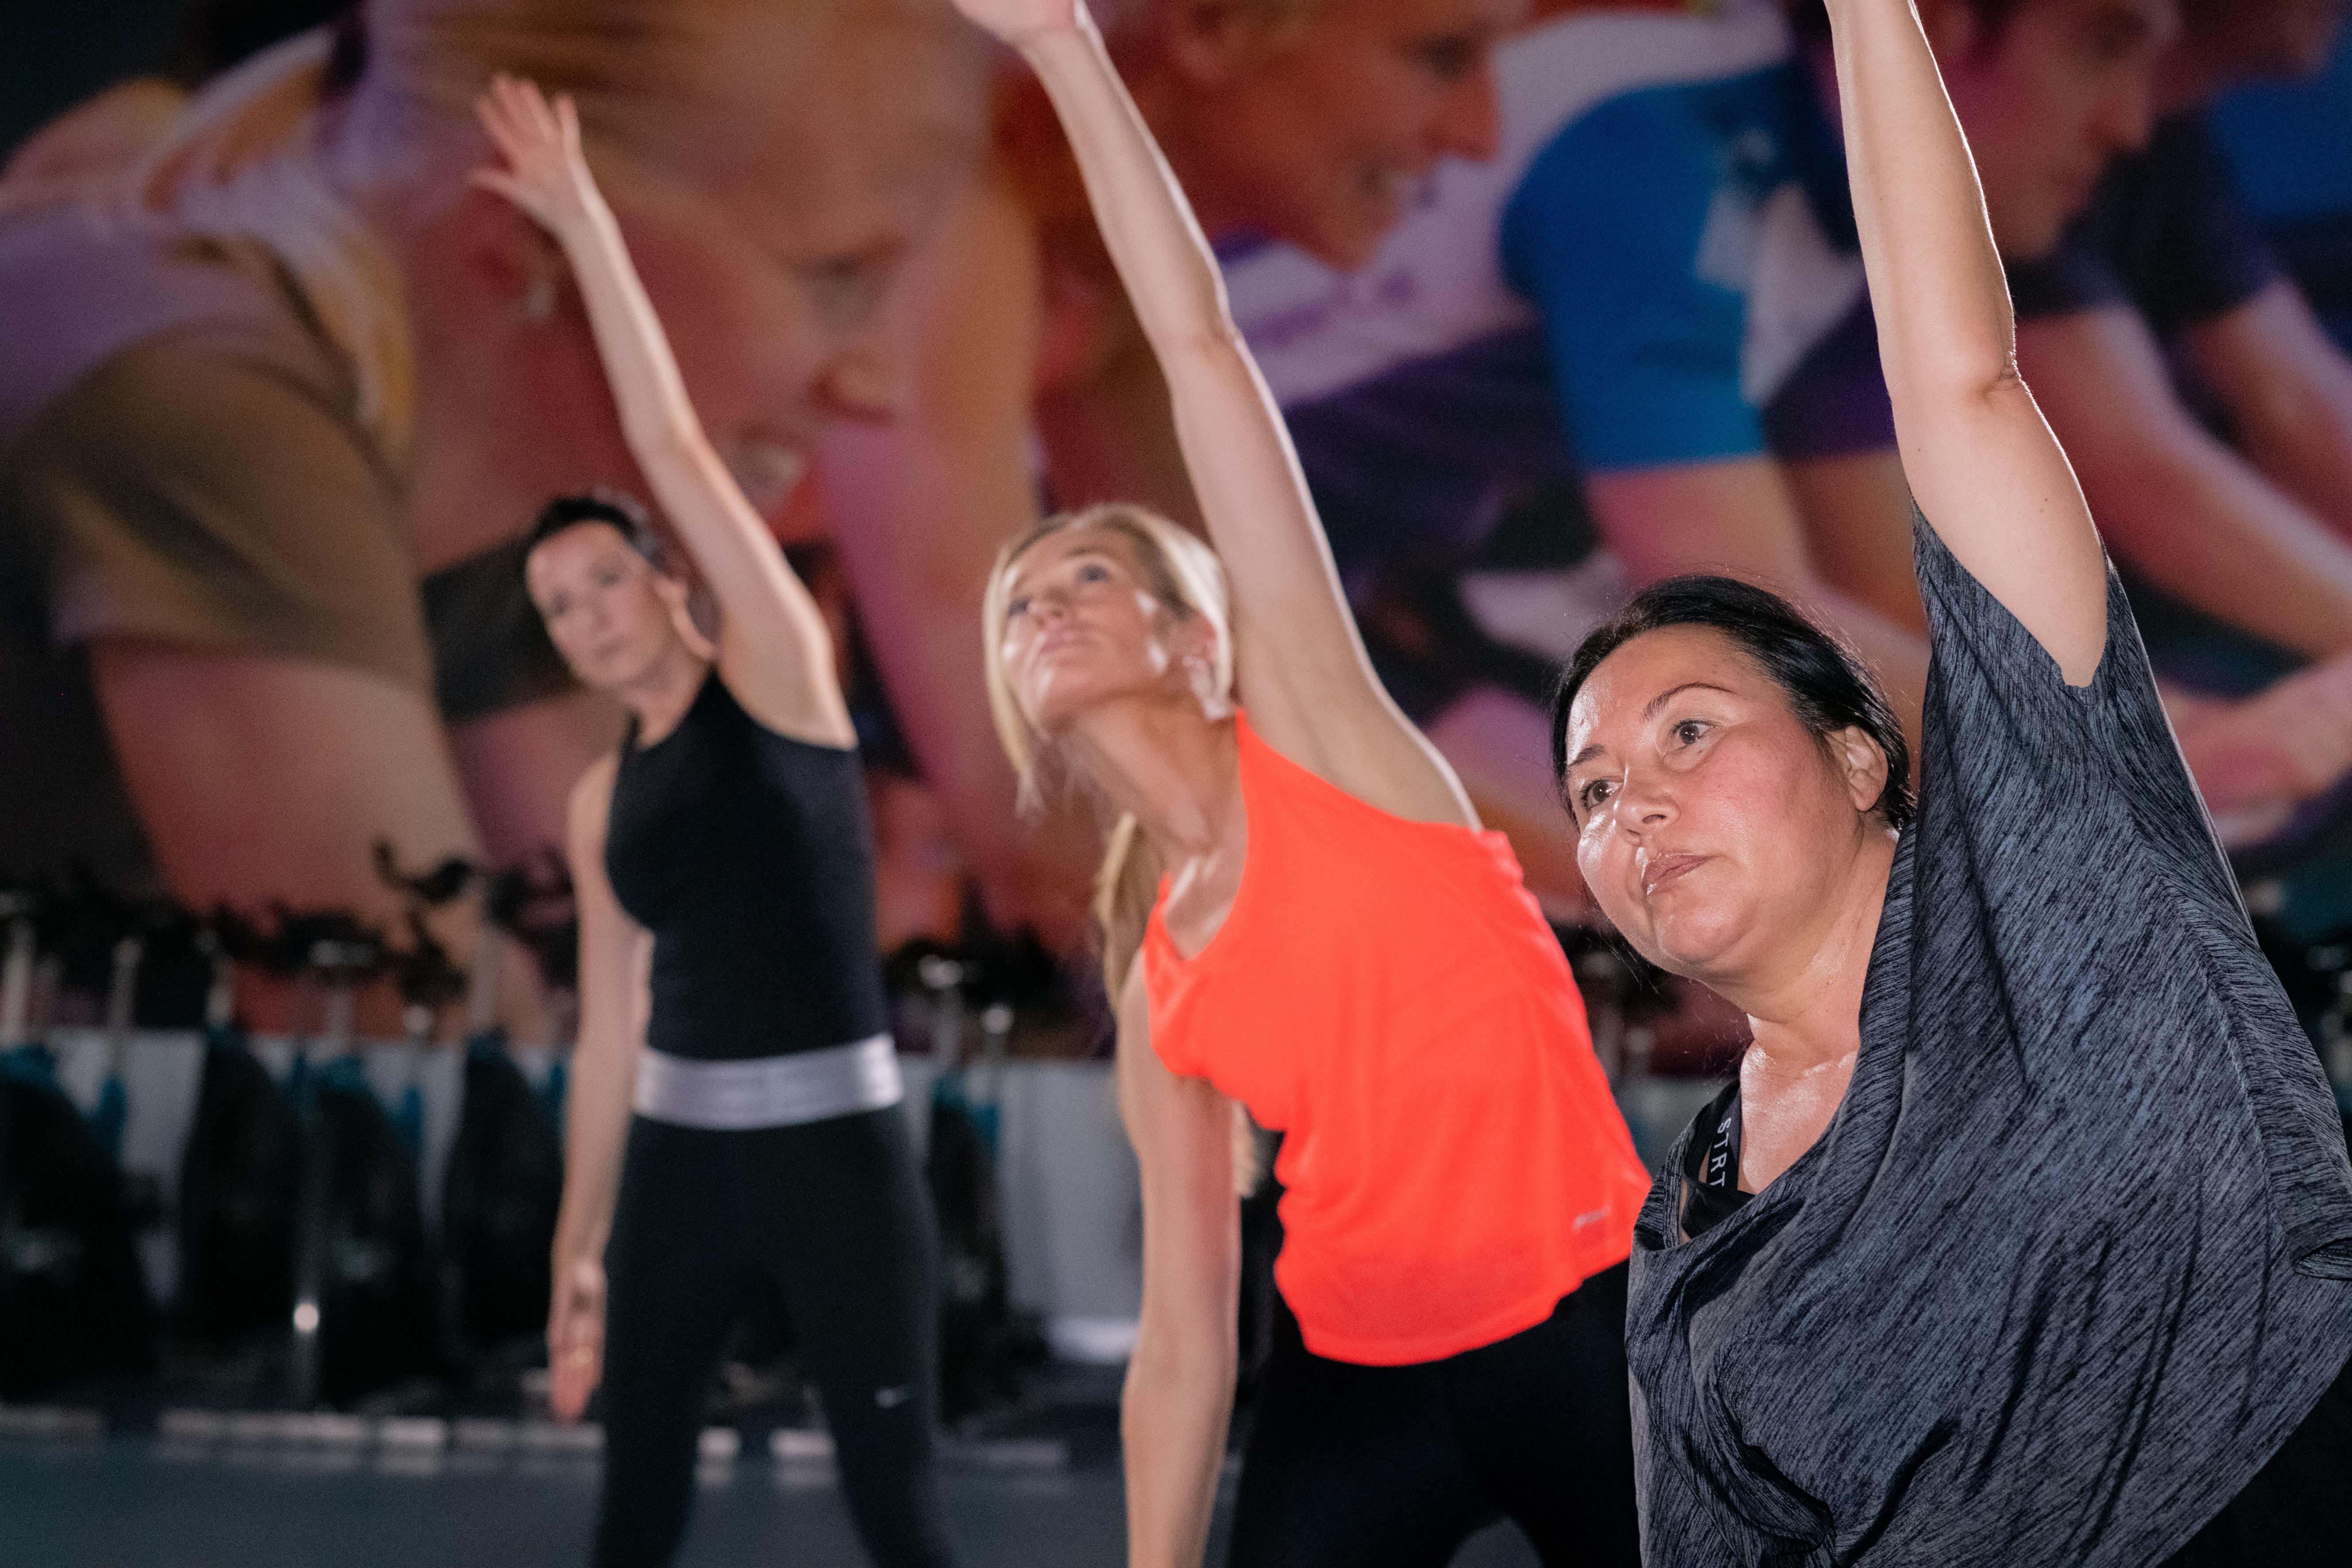 Afbeelding Club Yoga